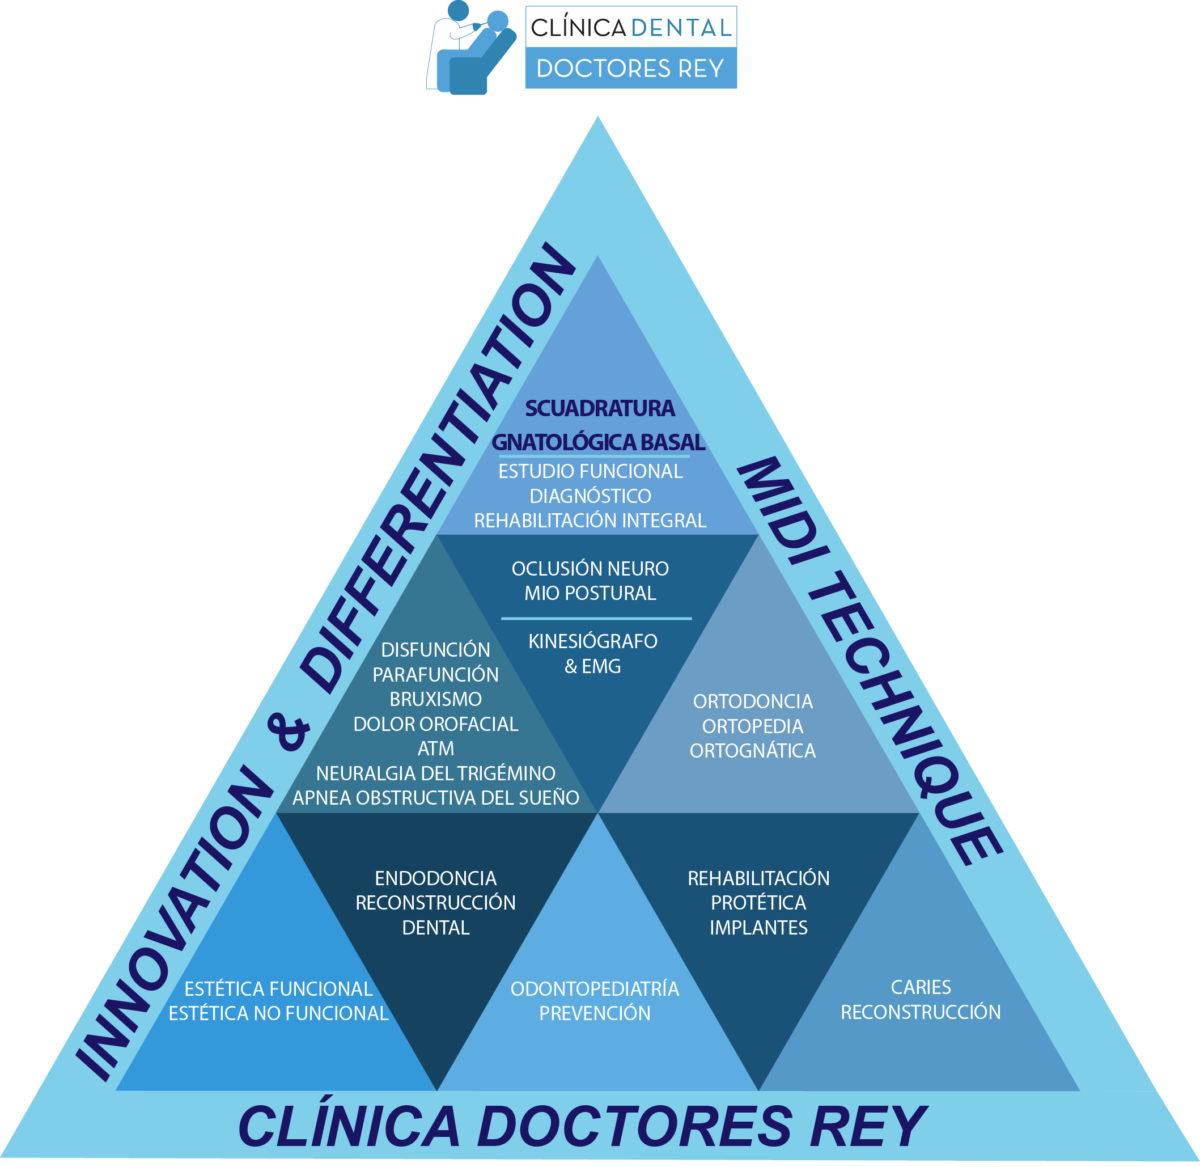 Clinica doctores Rey Valladolid